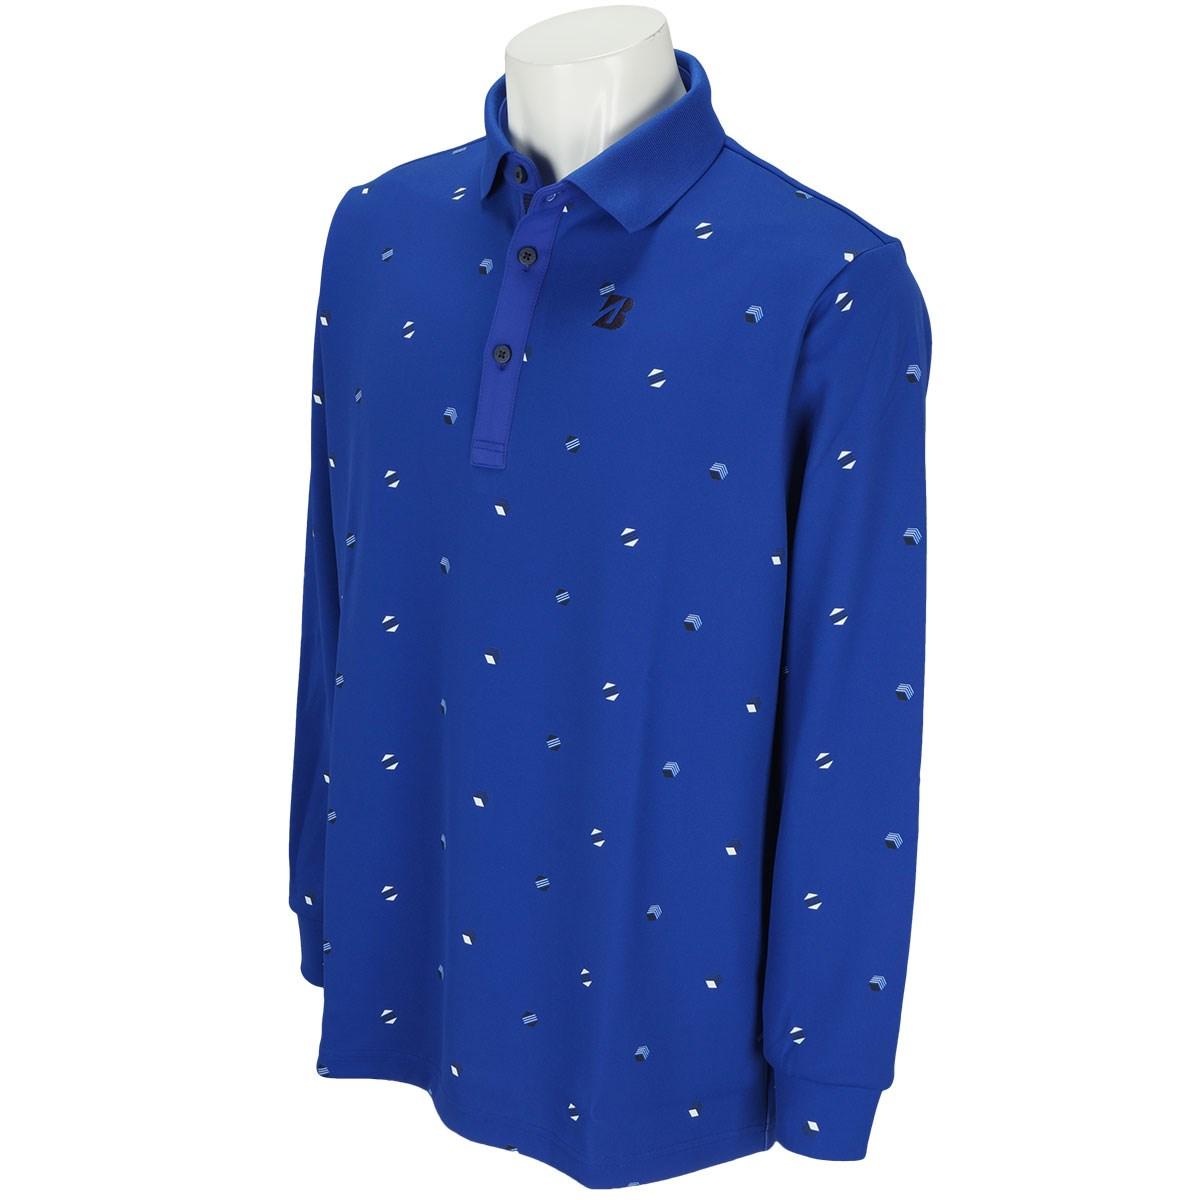 ブリヂストン(BRIDGESTONE GOLF) 長袖台付きポロシャツ